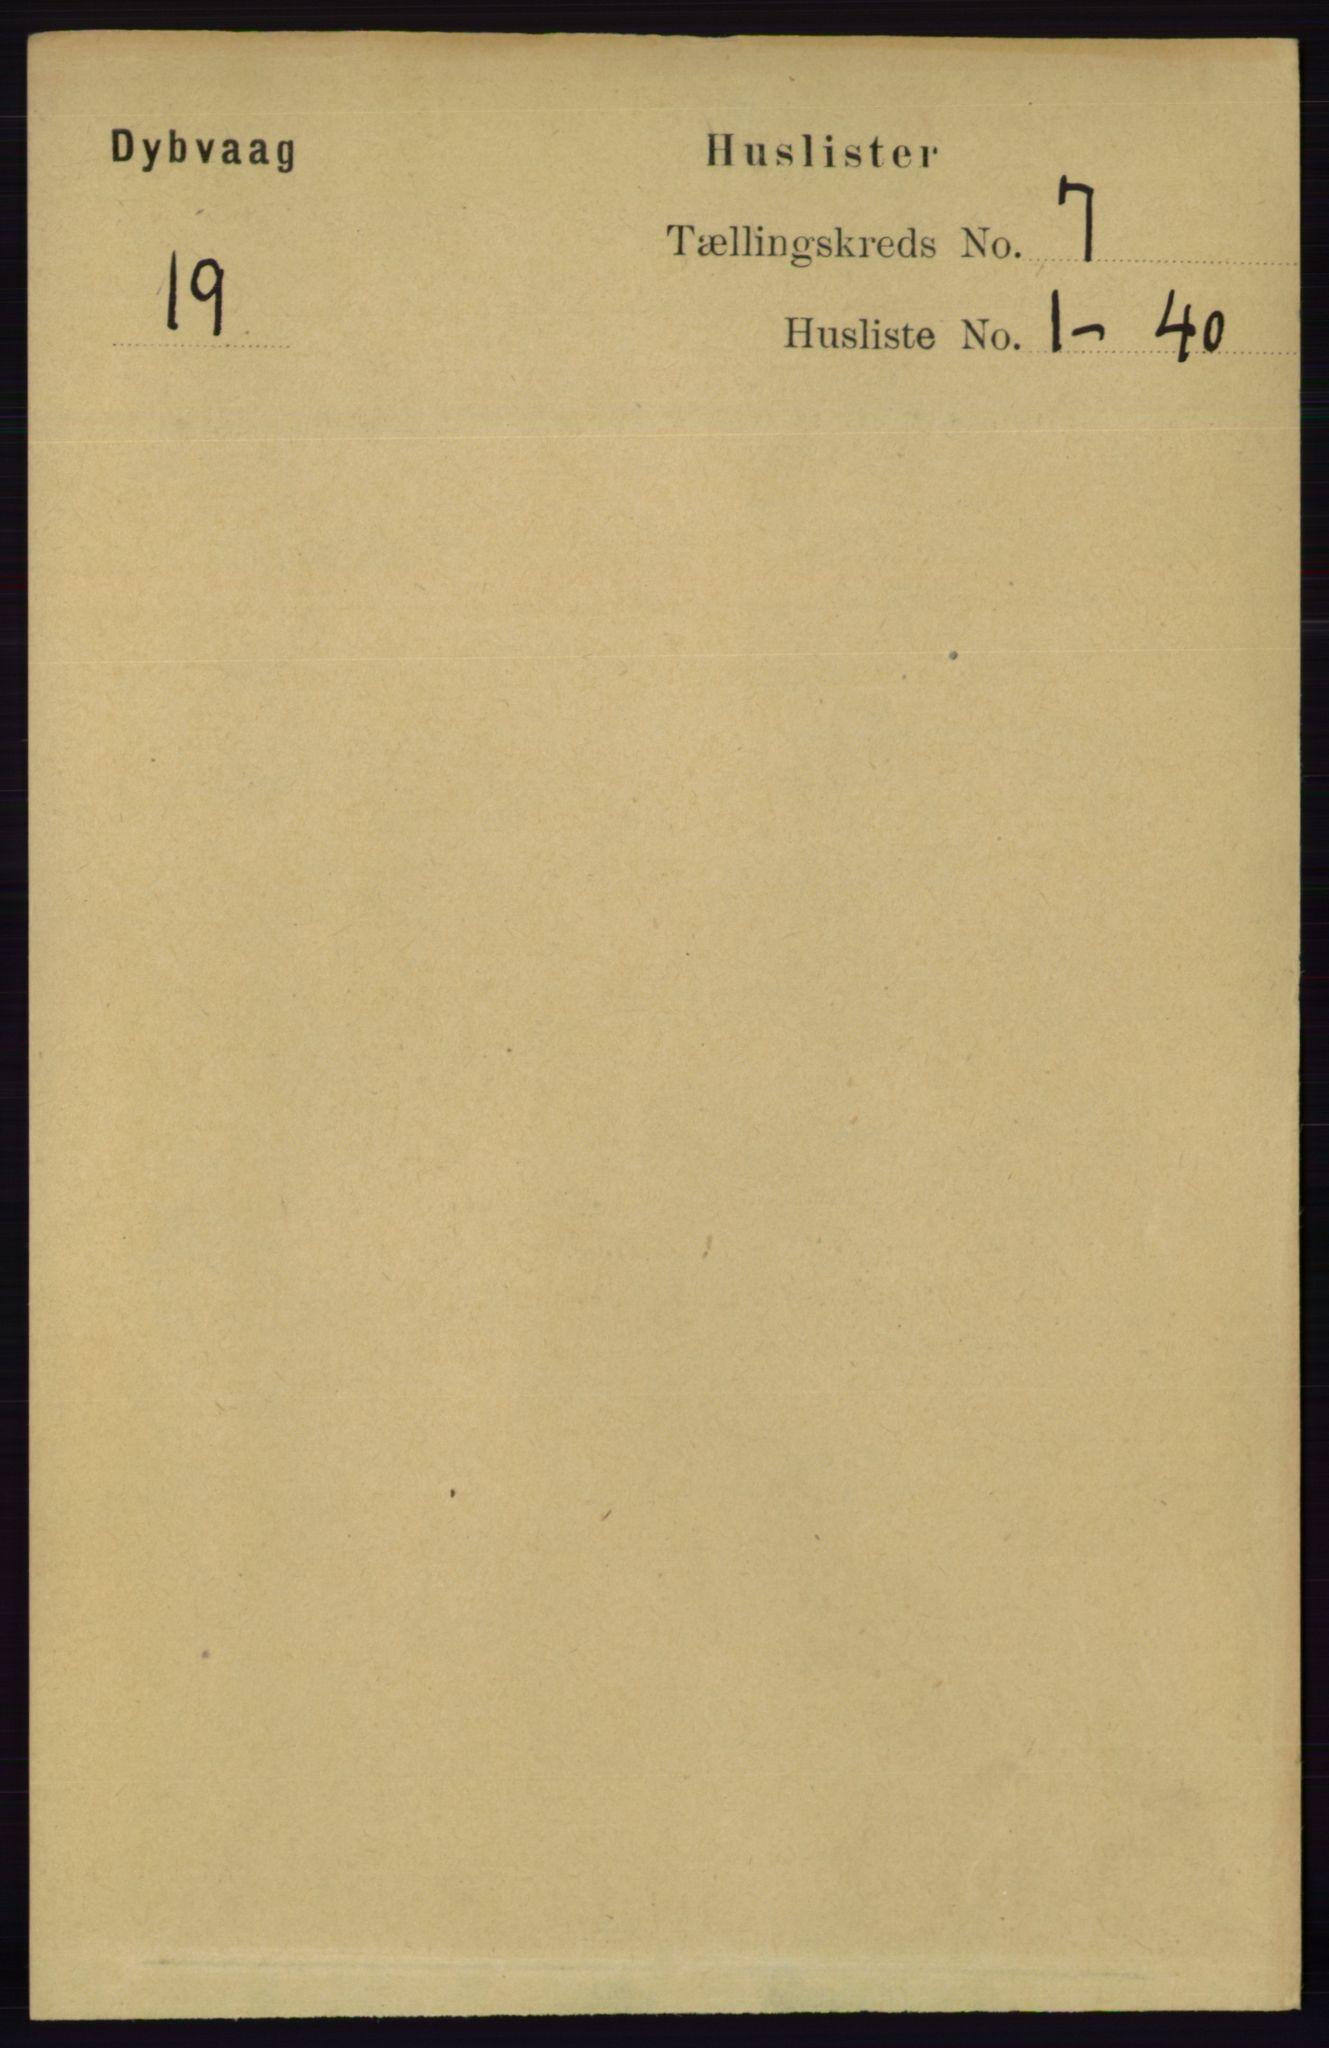 RA, Folketelling 1891 for 0915 Dypvåg herred, 1891, s. 2366